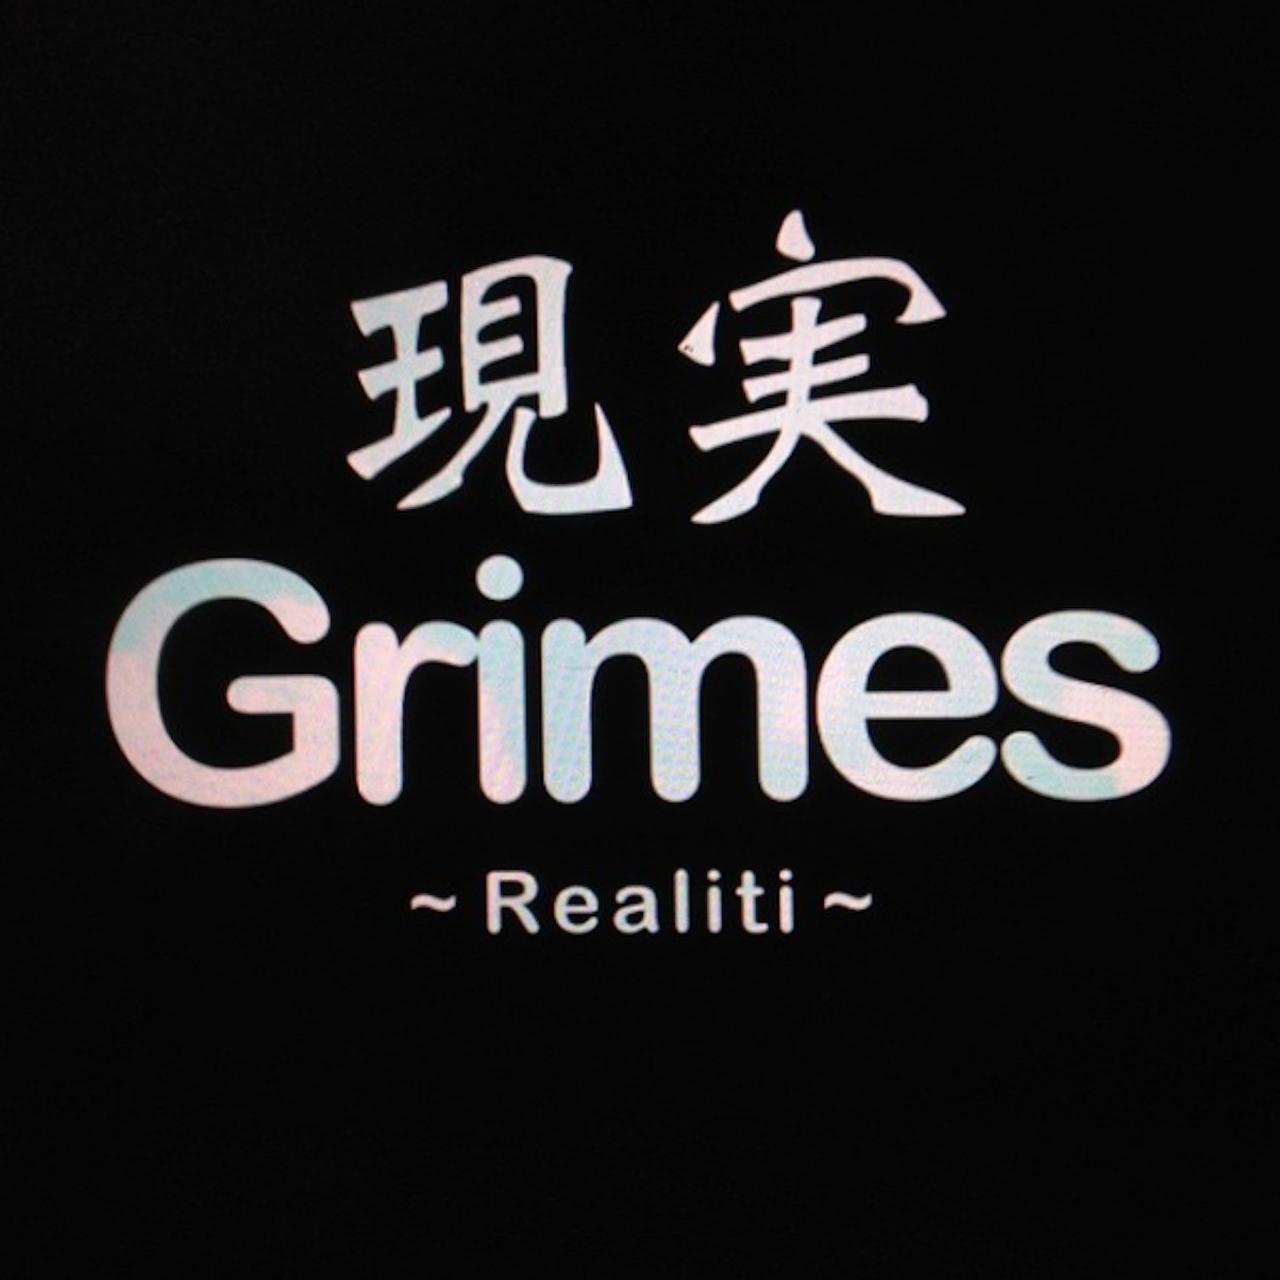 Grimes REALiTi